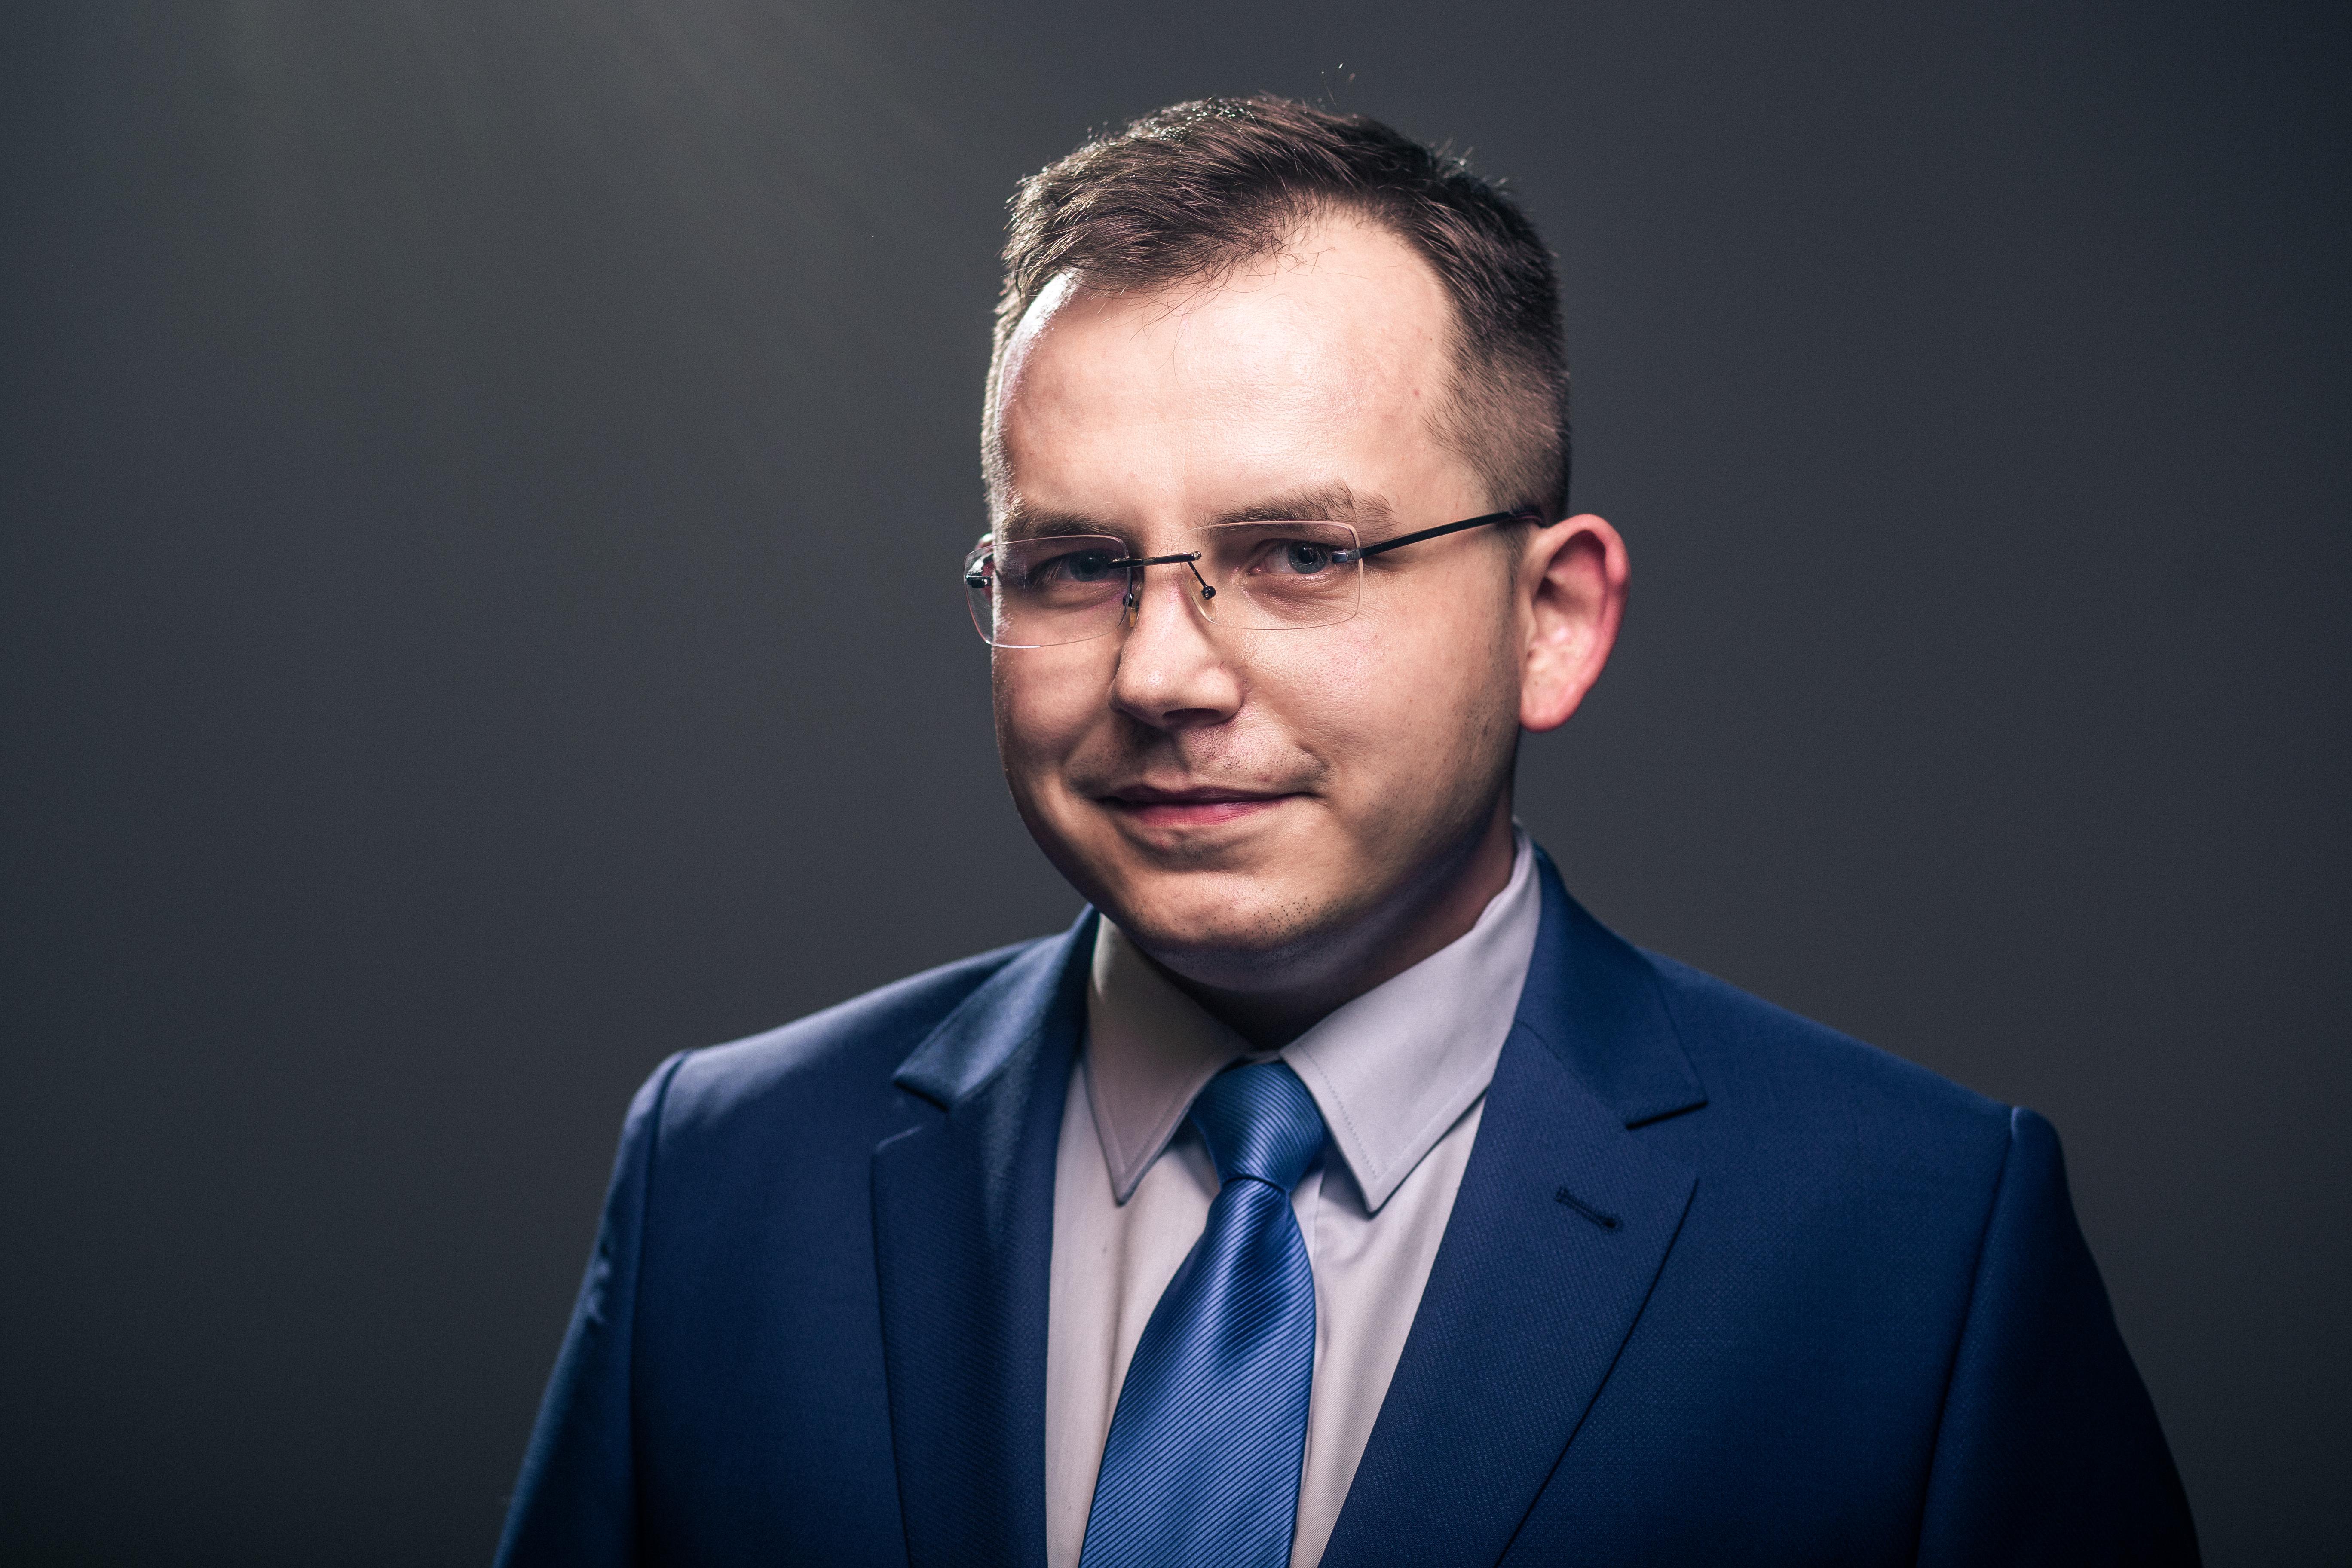 Paweł Rychlik uzyskał 21,8 tys. głosów, co stanowi trzeci wśród kandydatów PiS (fot. Paweł Rychlik)